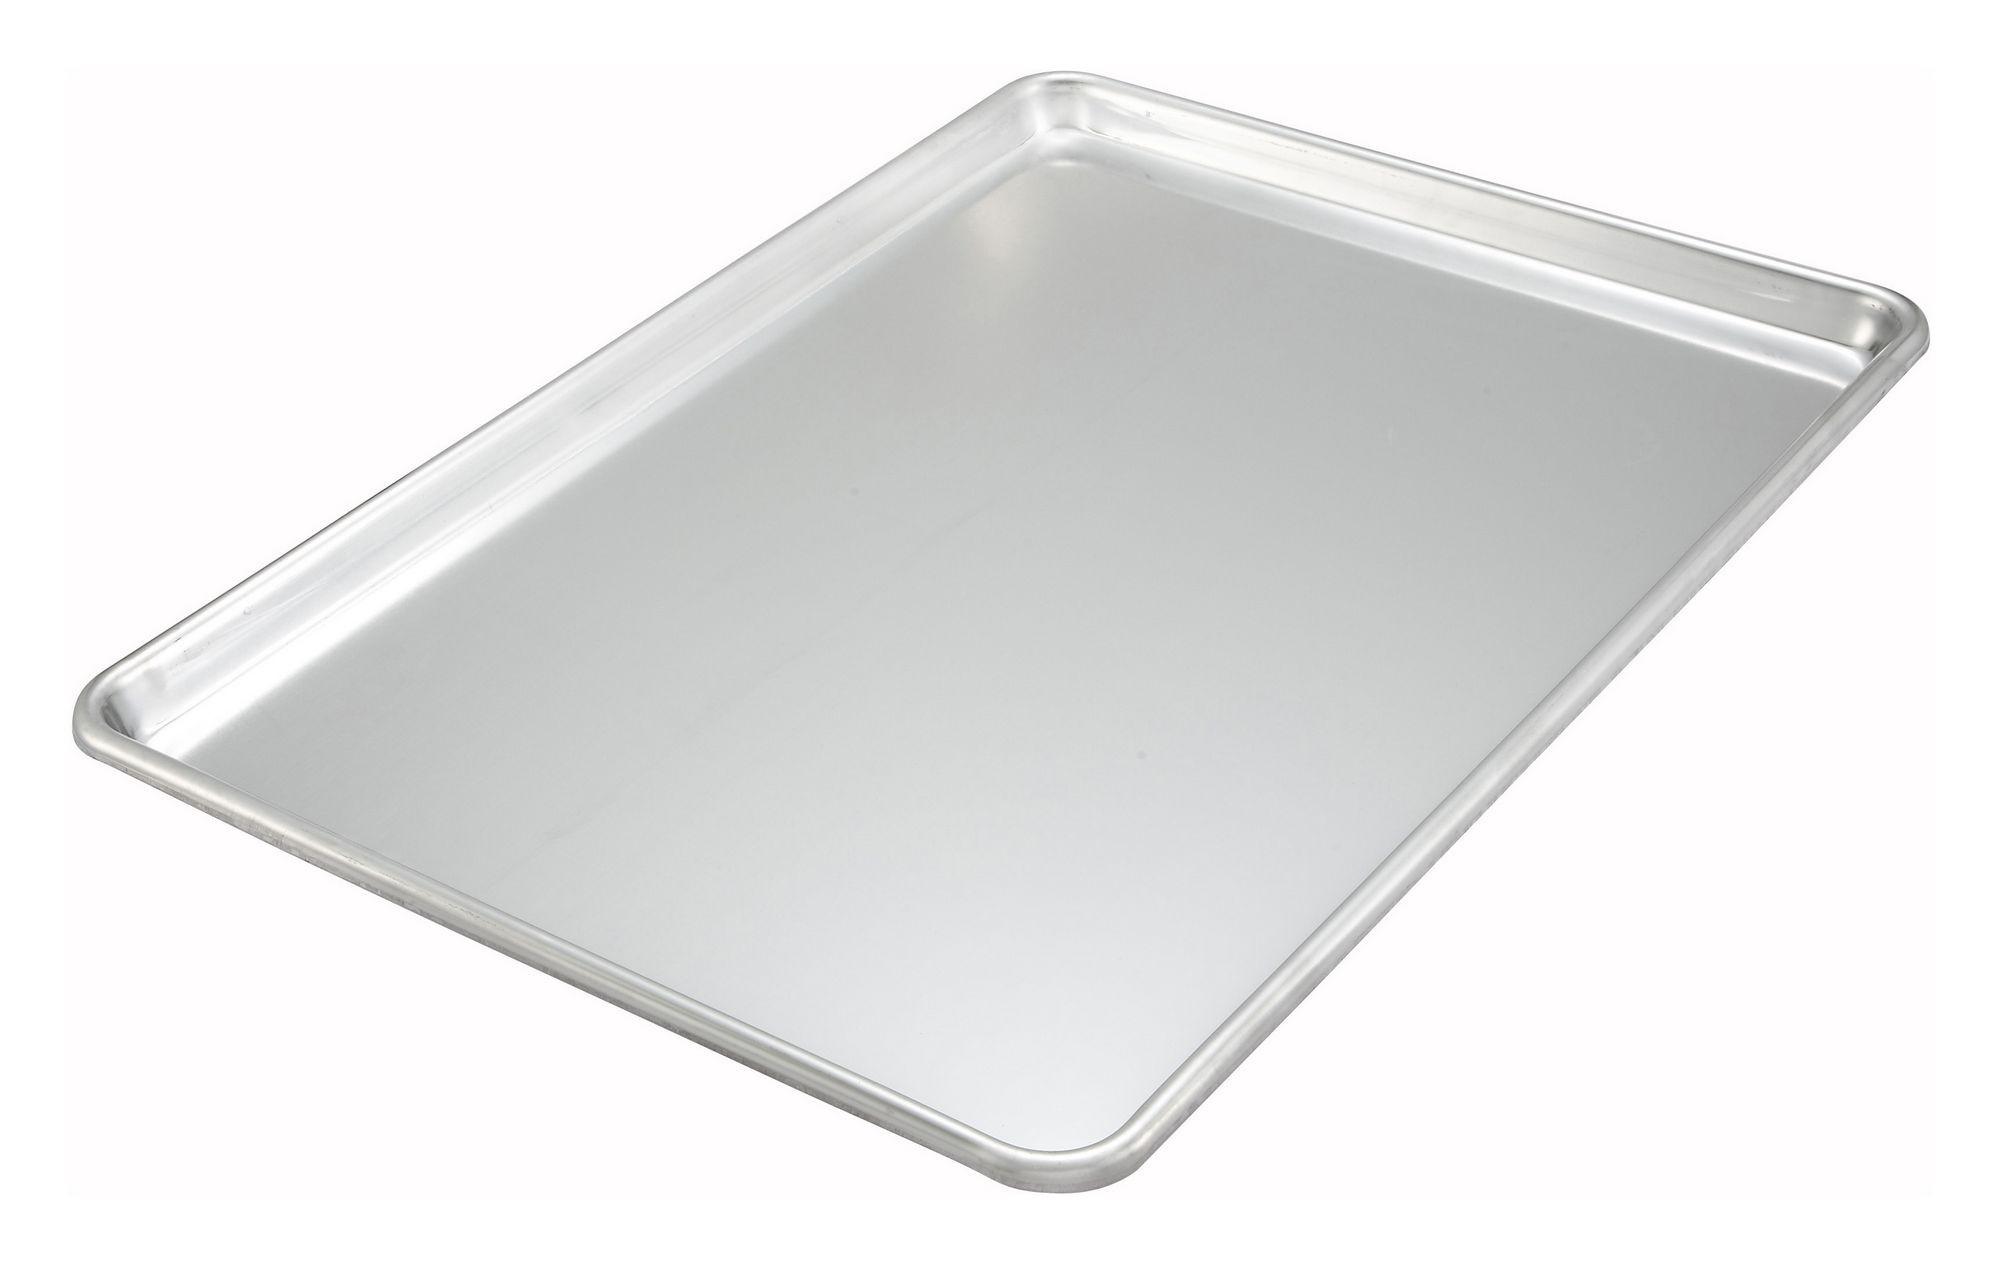 Winco Alxp 1200 Full Size Aluminum Sheet Pan 18 Quot X 26